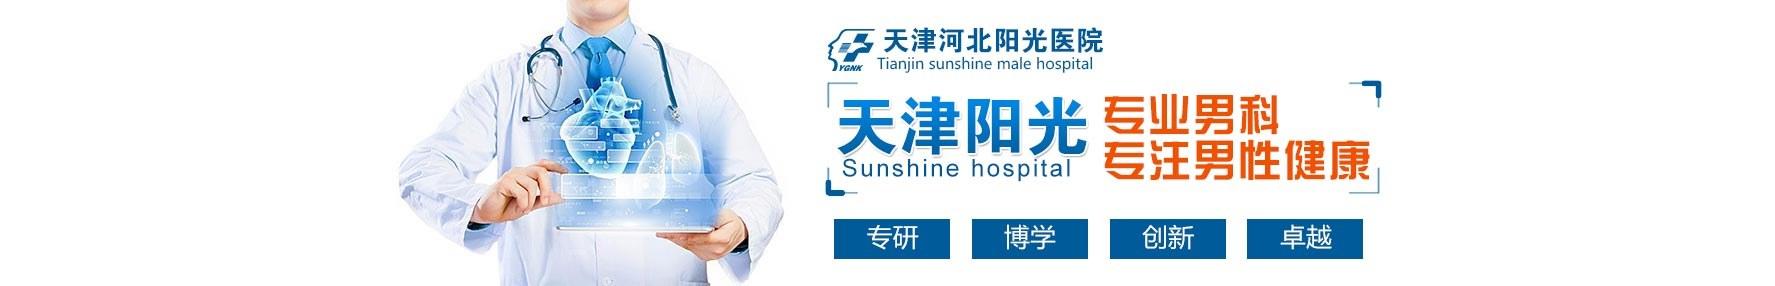 天津正规的男科医院